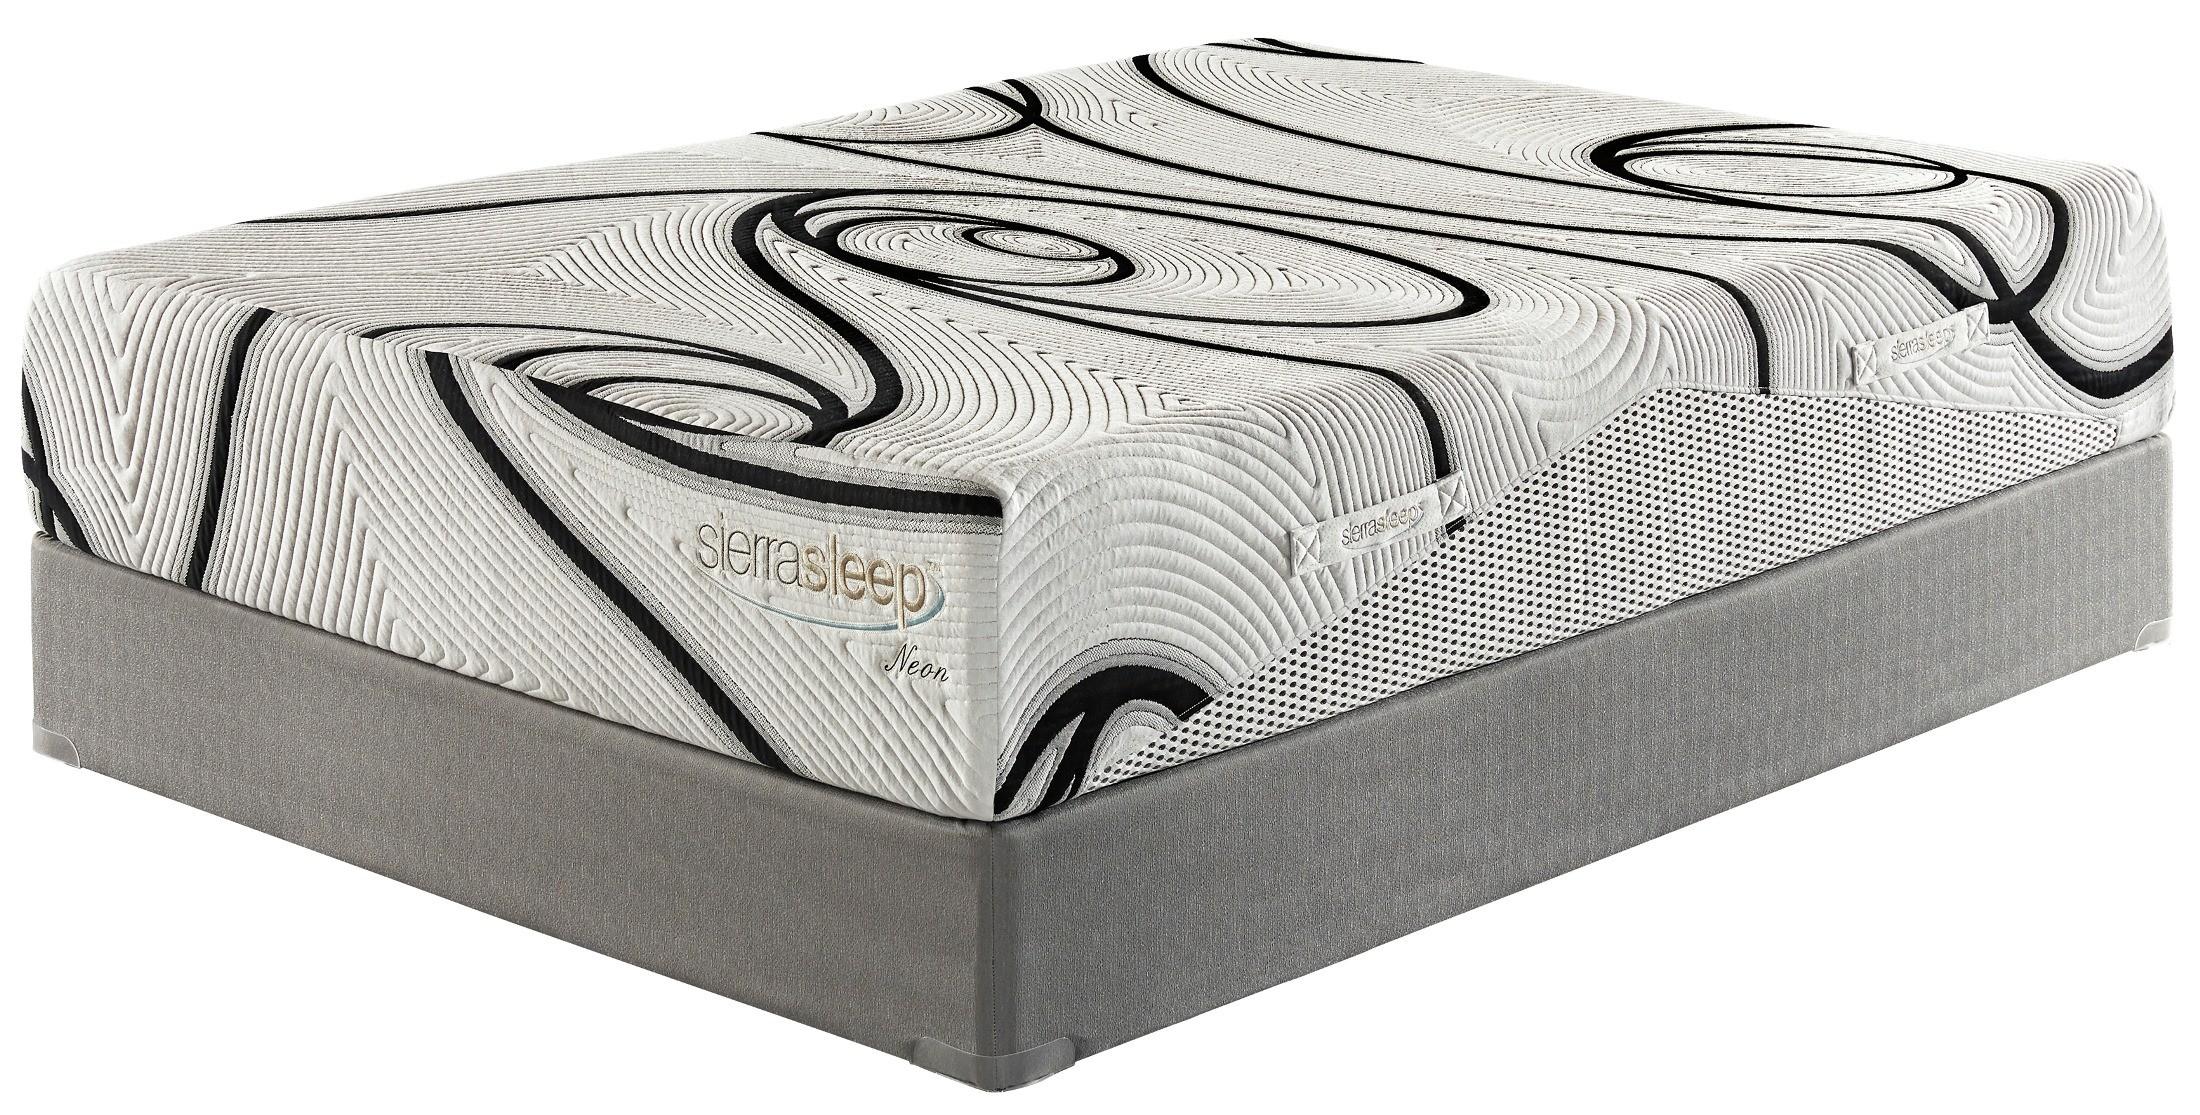 12 series king size memory foam mattress m99241 ashley furniture King size memory foam mattress